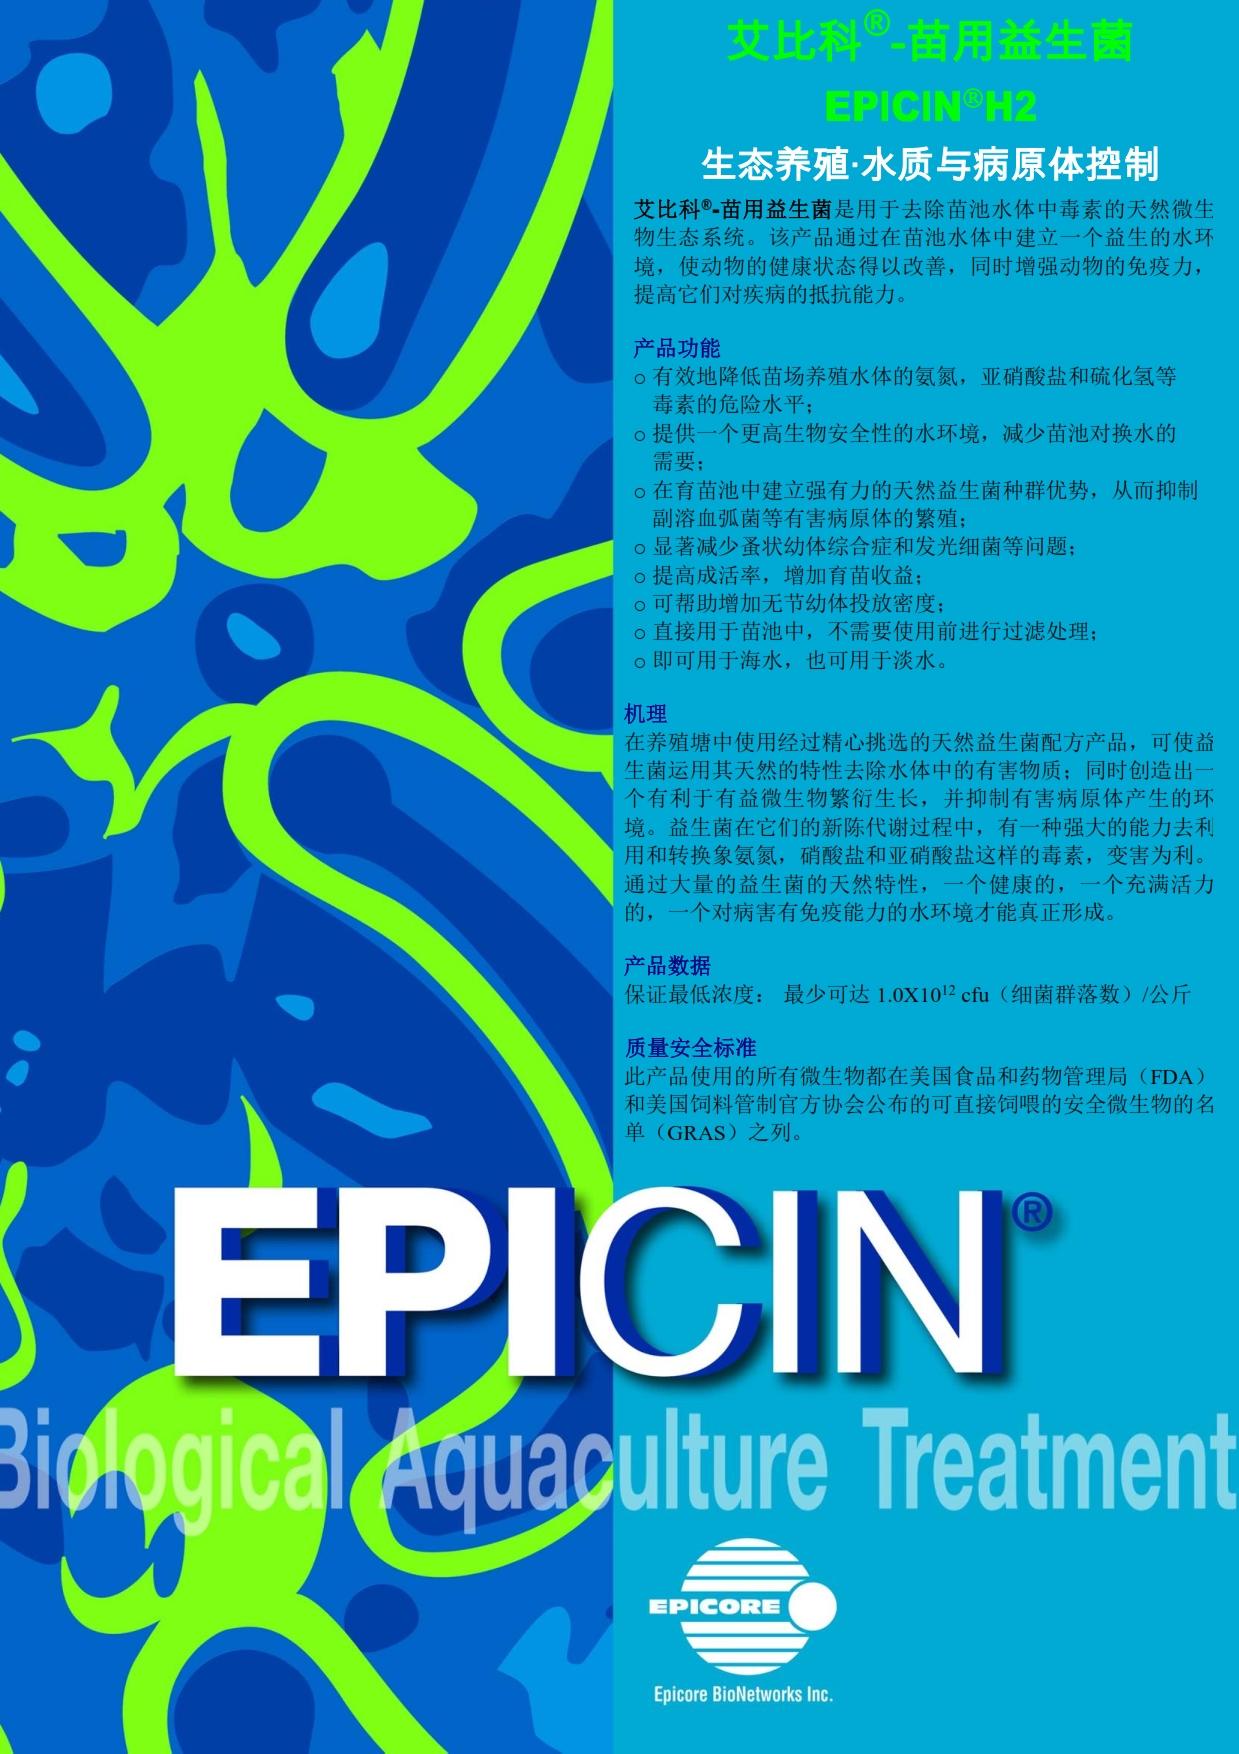 EPICIN-H2-2014-cn-V2d-web_001